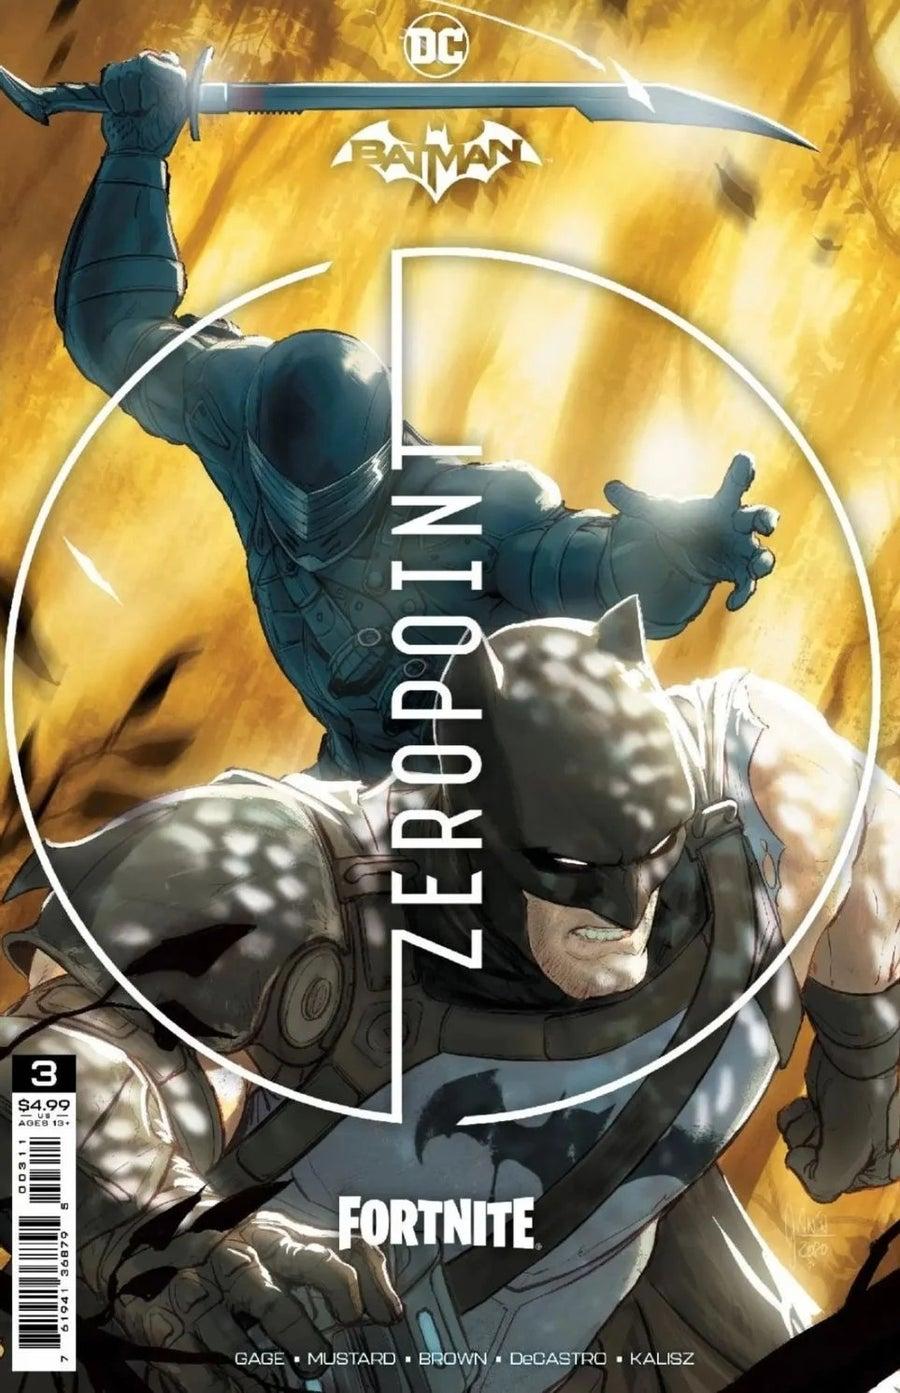 batman fortnite zero point 3 cover